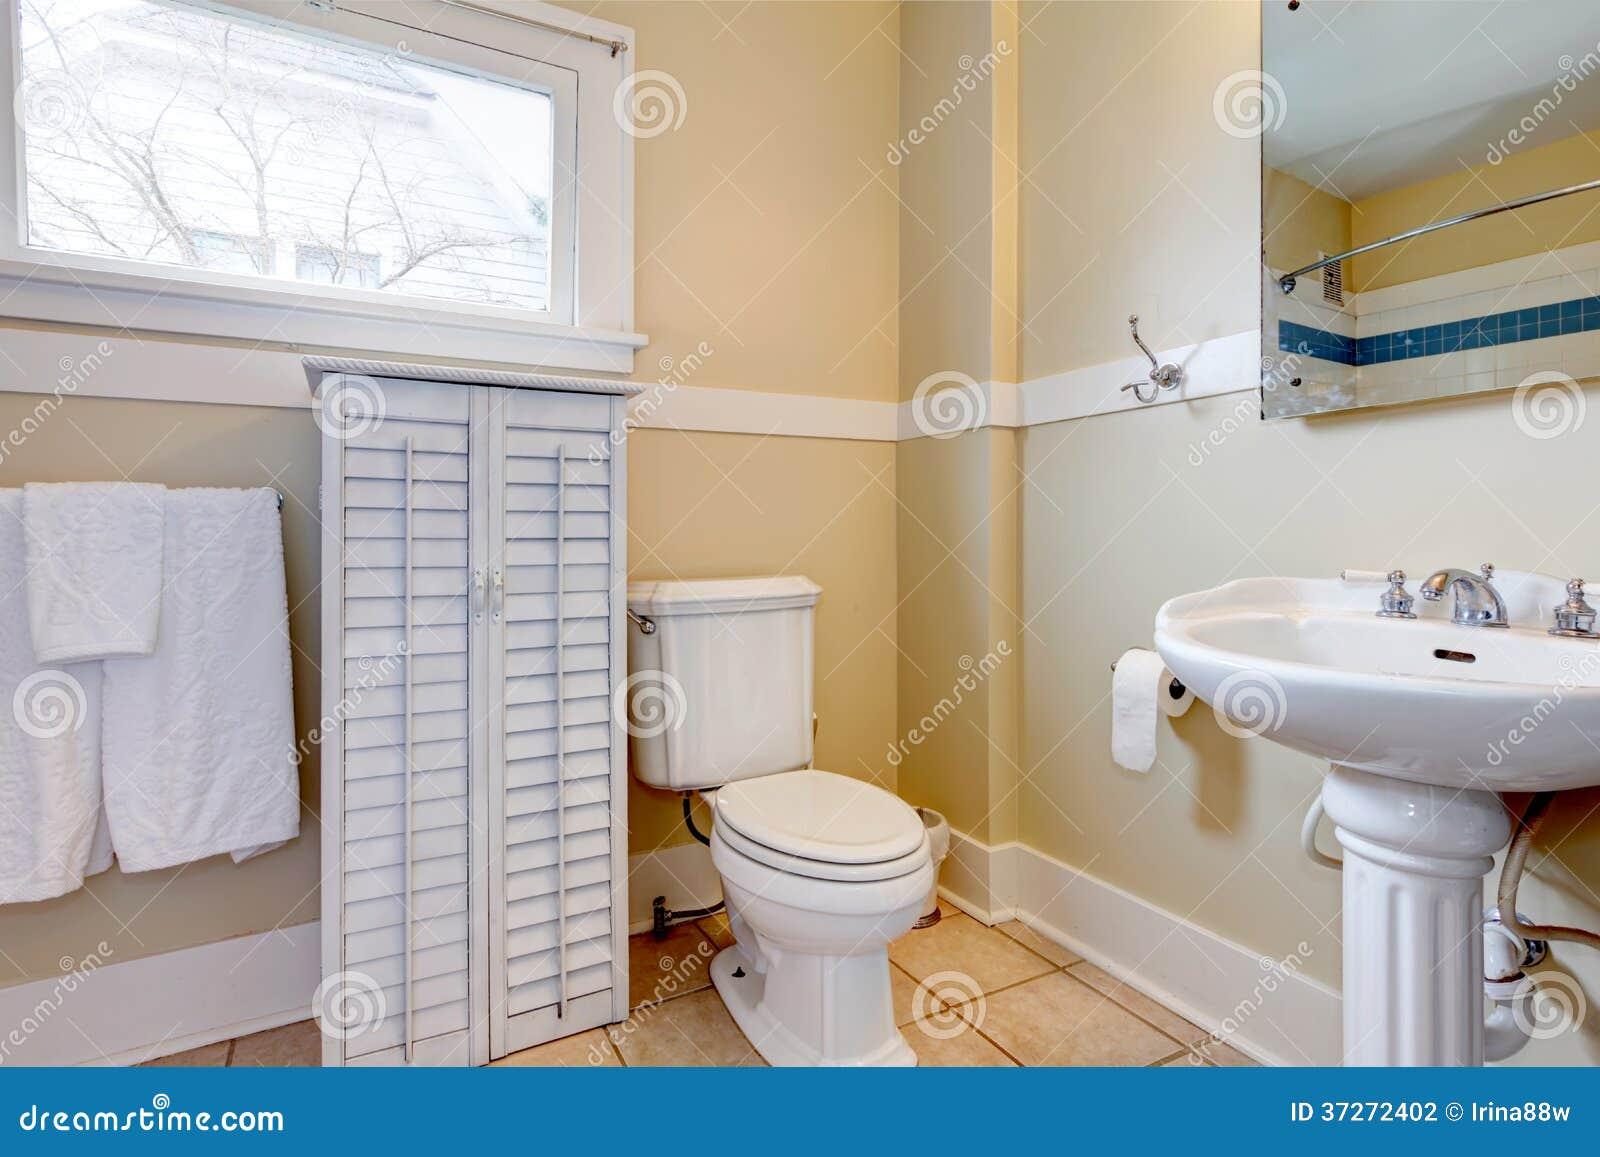 Bagno Luminoso Con Il Gabinetto Di Legno Bianco Fotografia Stock - Immagine: 37272402